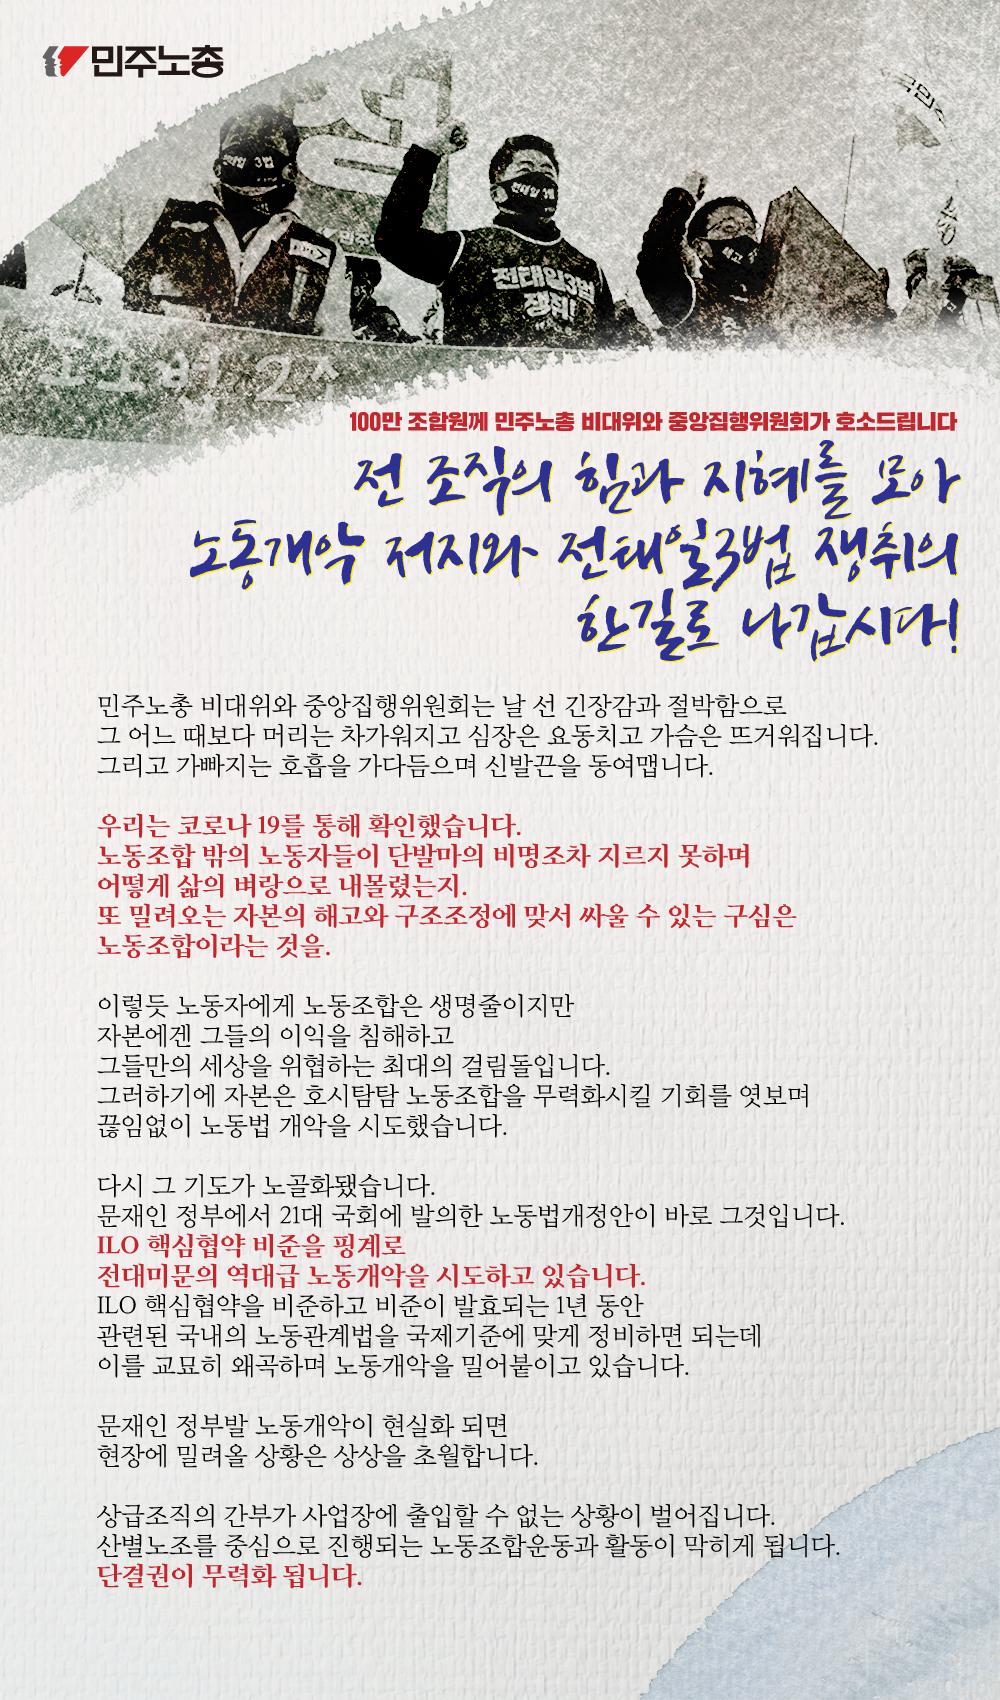 총파업-총력투쟁-호소-담화문_수정_1.png